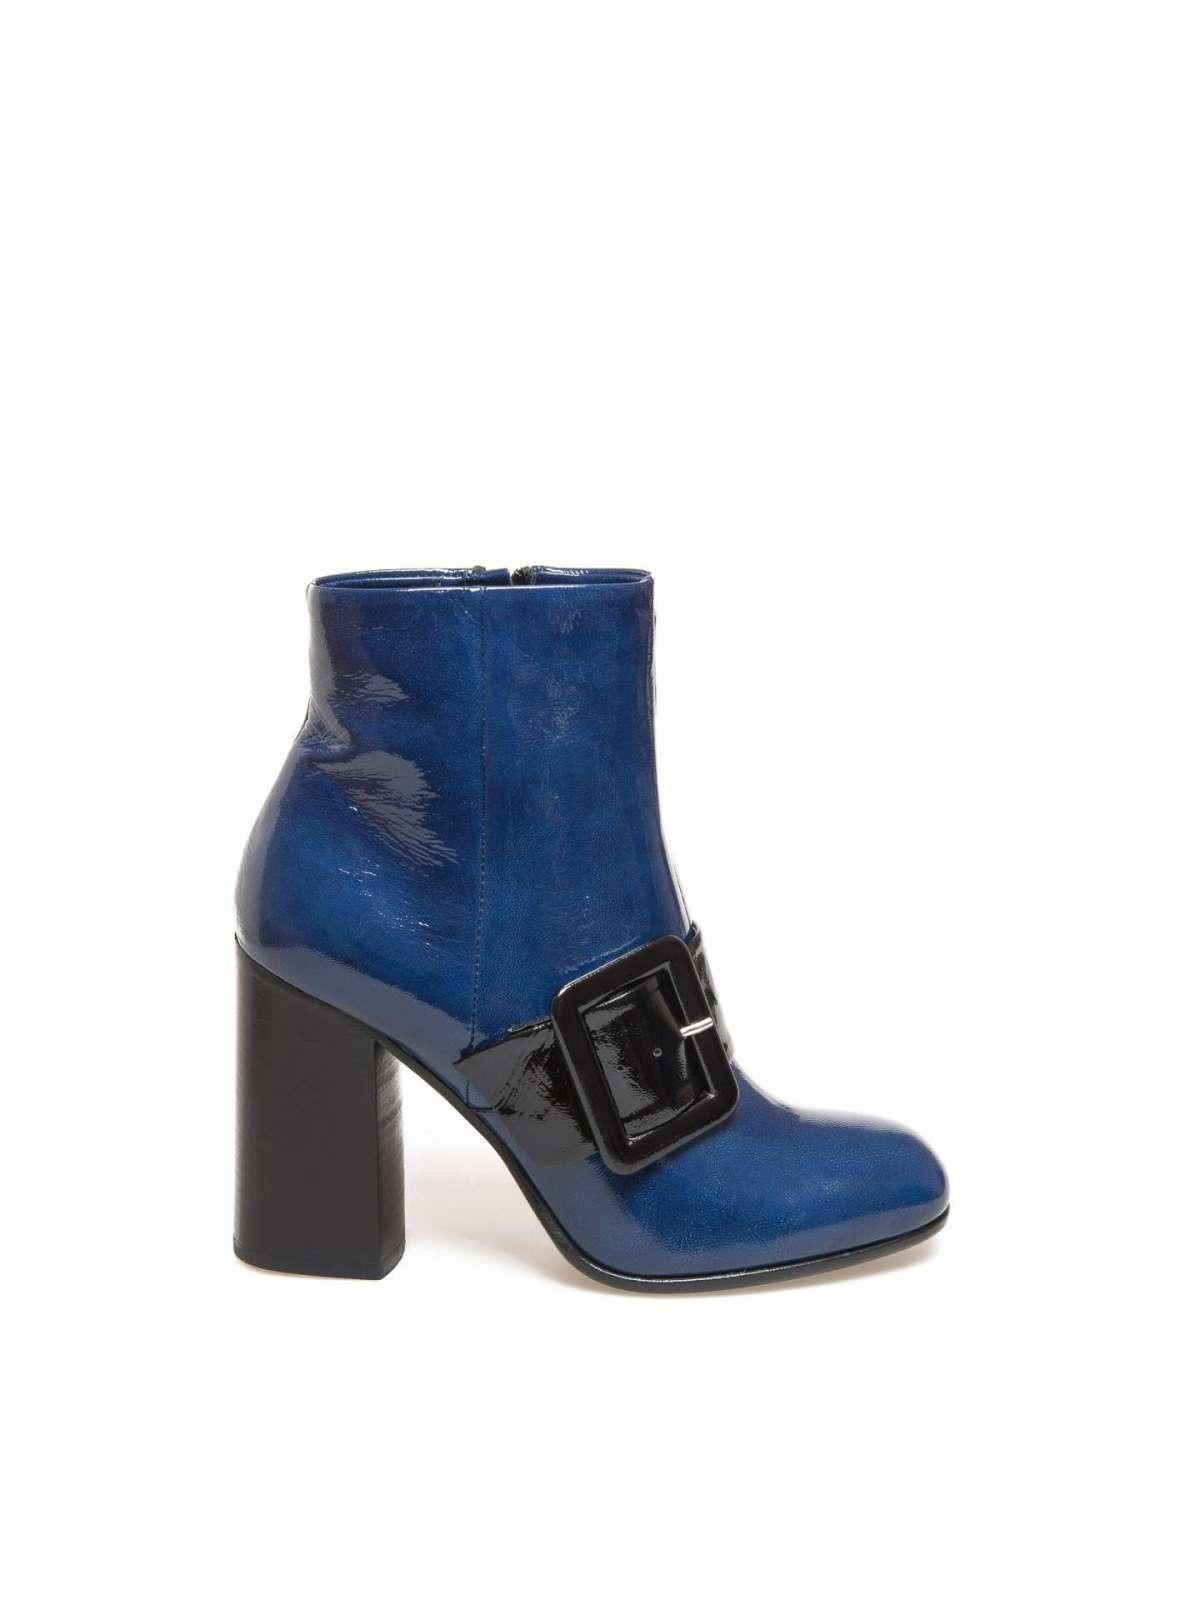 b798f2fc31 Janet & Janet scarpe 2016 2017: Calzature donna invernali   Moda con ...